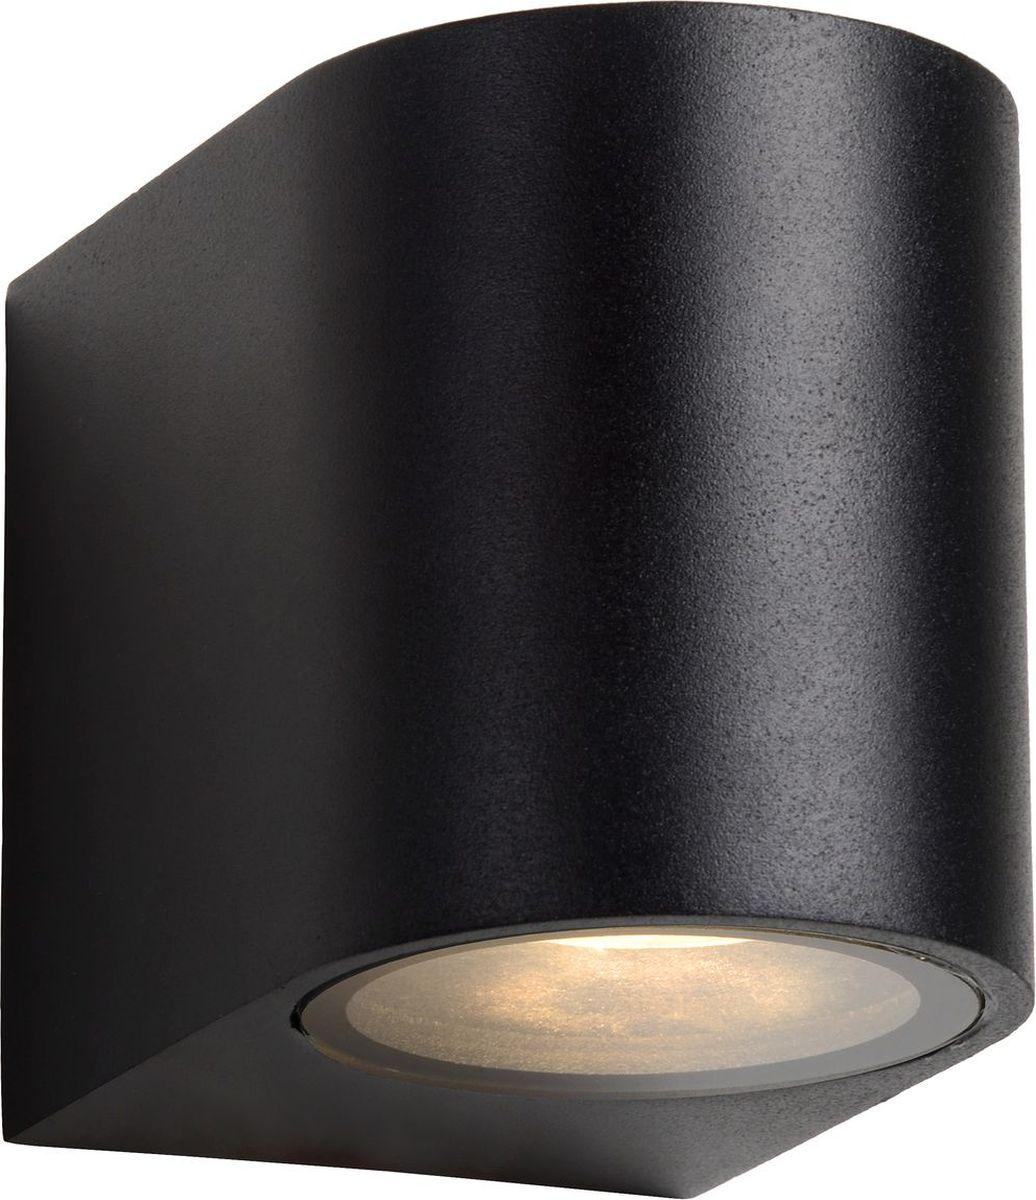 Светильник уличный настенный Lucide Zora Led, цвет: прозрачный, GU10, 5 Вт. 22861/05/3022861/05/30